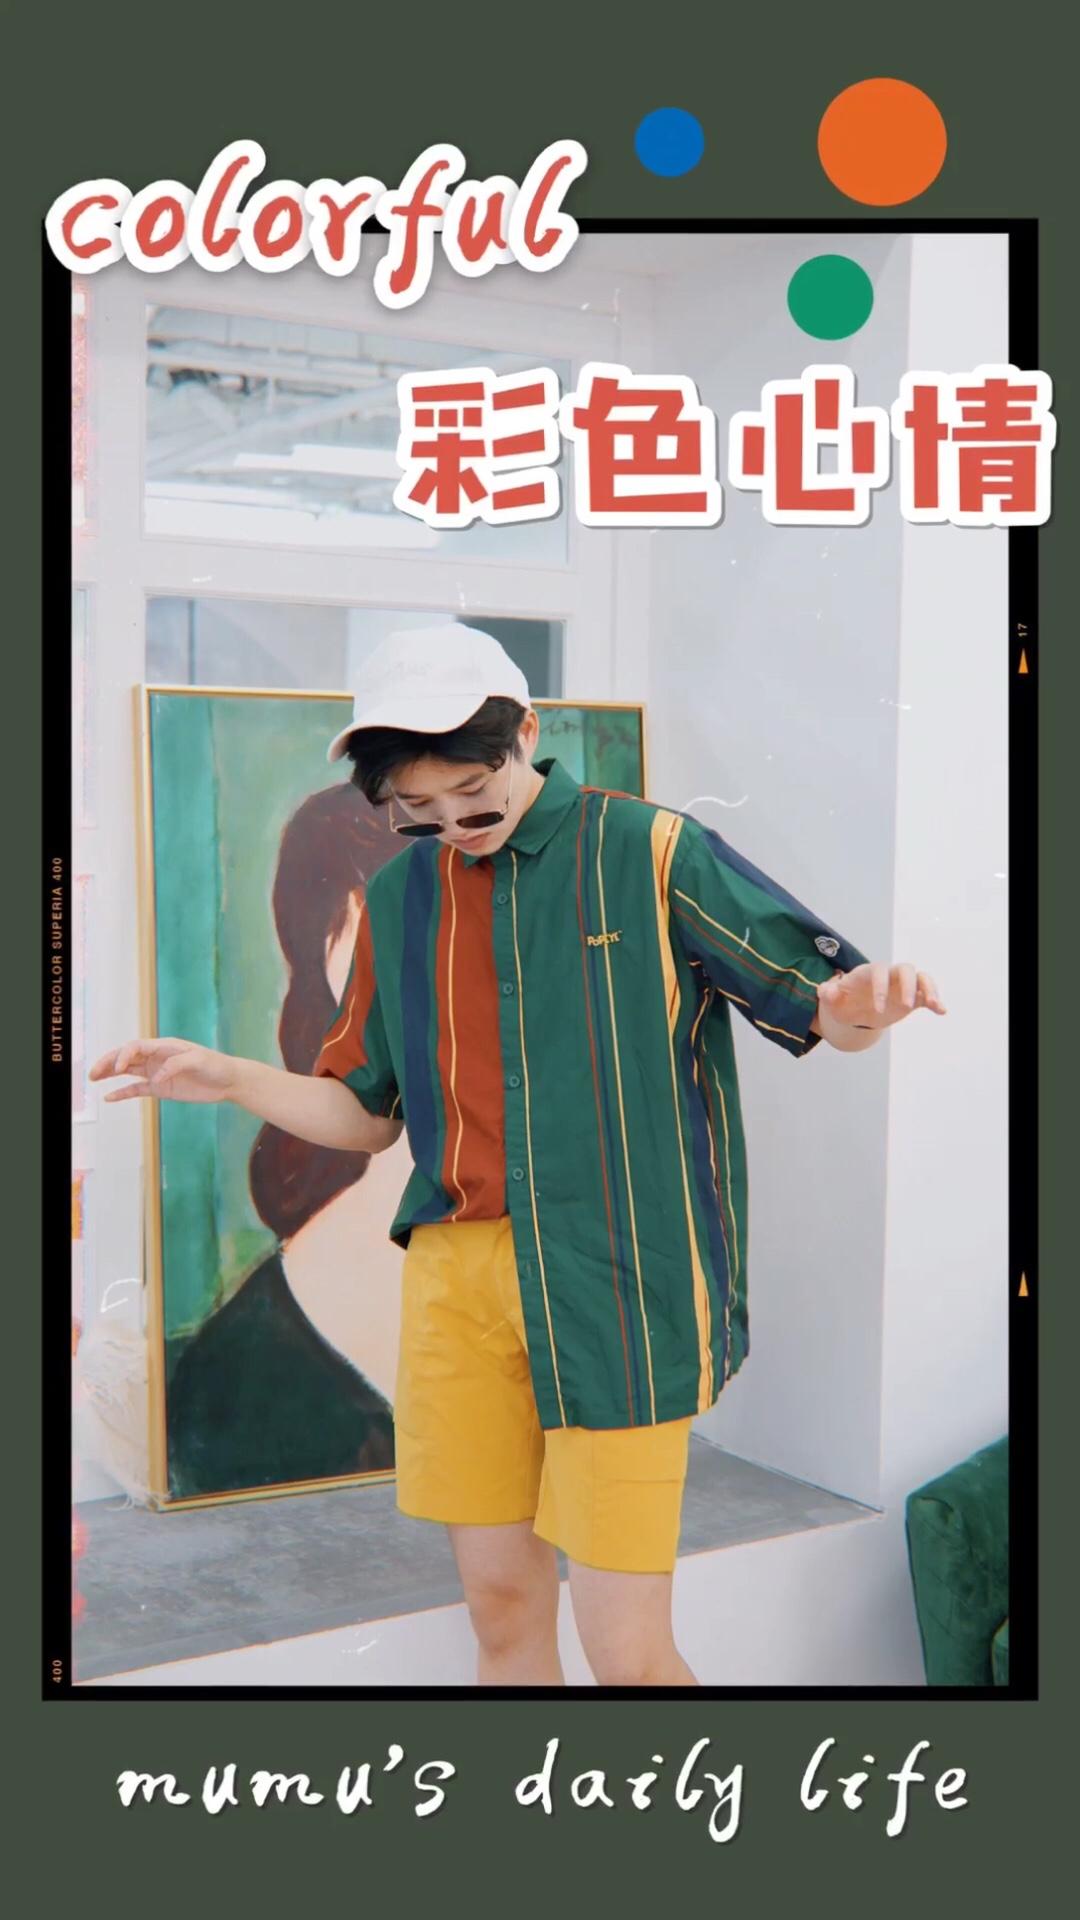 #衣橱告急?一衣多穿解衣荒# 彩色条纹拼接衬衫 是今年塔卡沙我最爱的一件 色系饱满又很内敛 搭配明黄色的短裤 很有时尚感